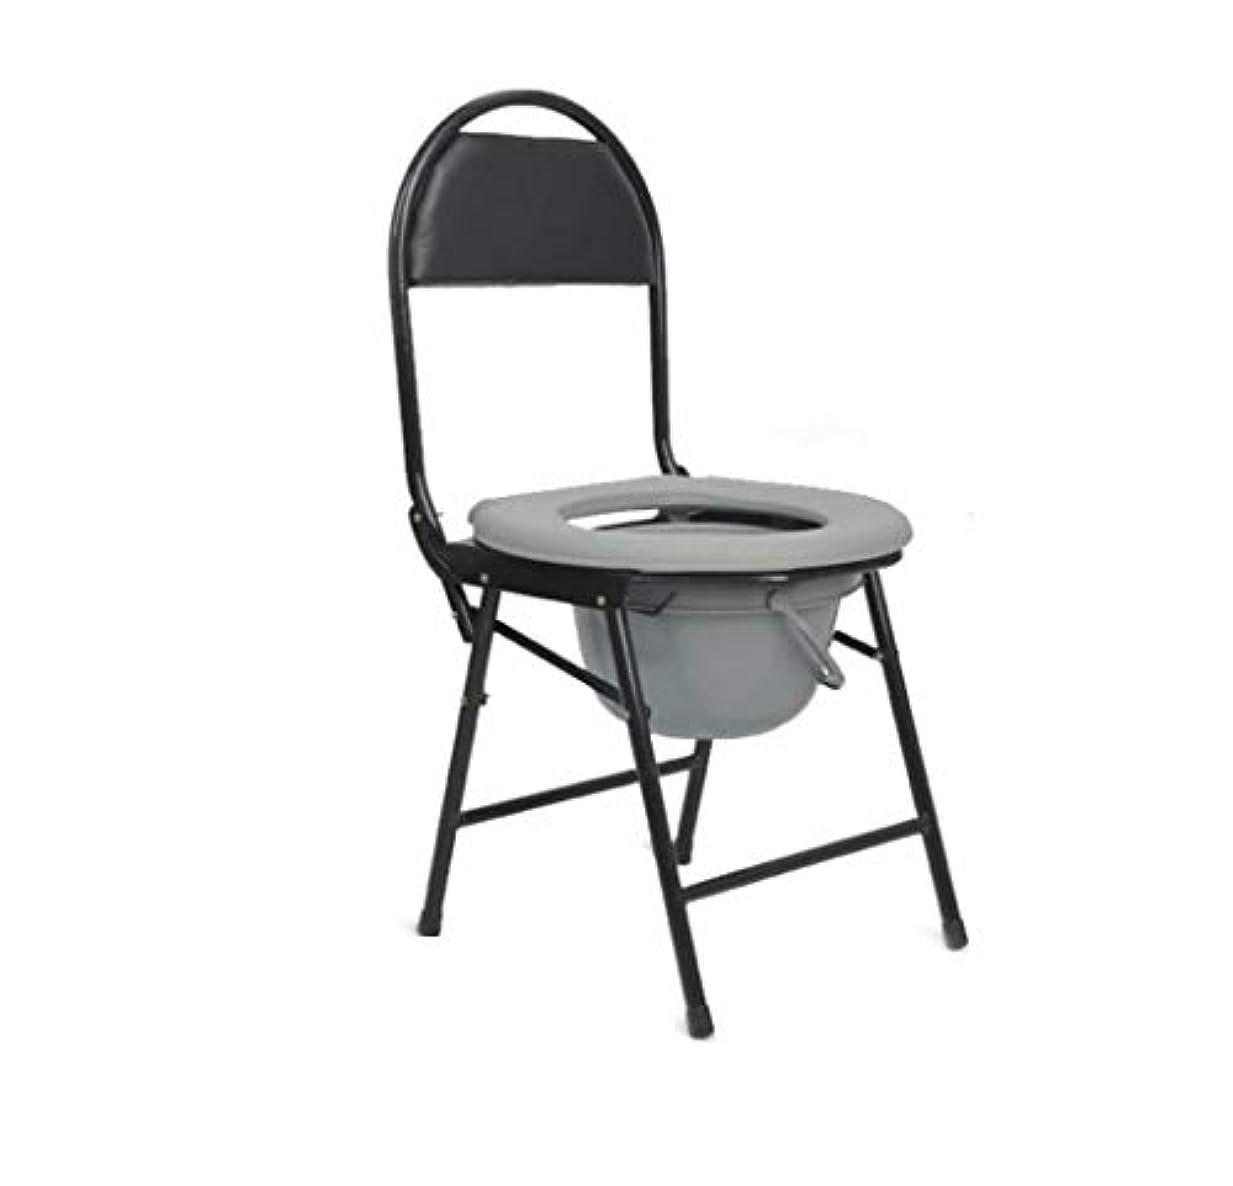 大きさマイナーペレット折りたたみ式mode椅子とトイレサラウンド、軽量、丈夫、シンプル、高齢者高齢者向けのバスルームサポート、無効